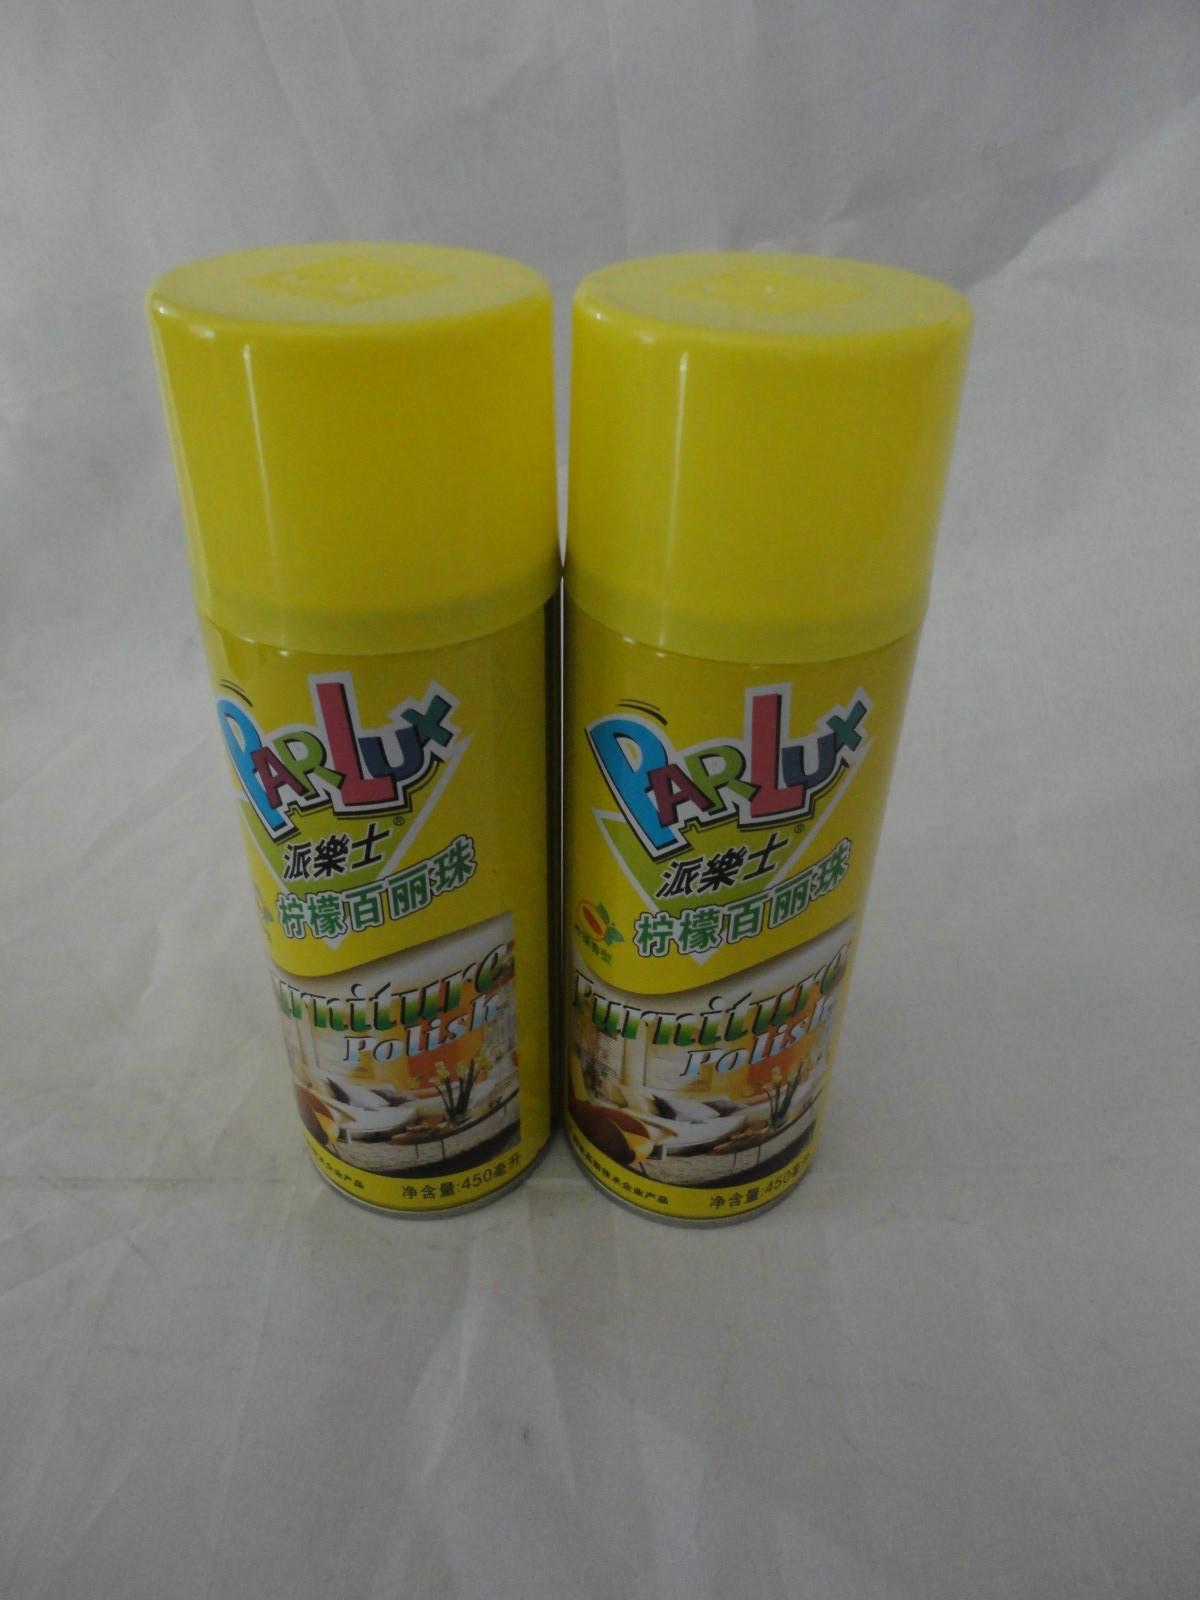 Bonty Pleasant Belle Pearl Lemon верх Световой воск / бытовой аэрозоль / воск для воска